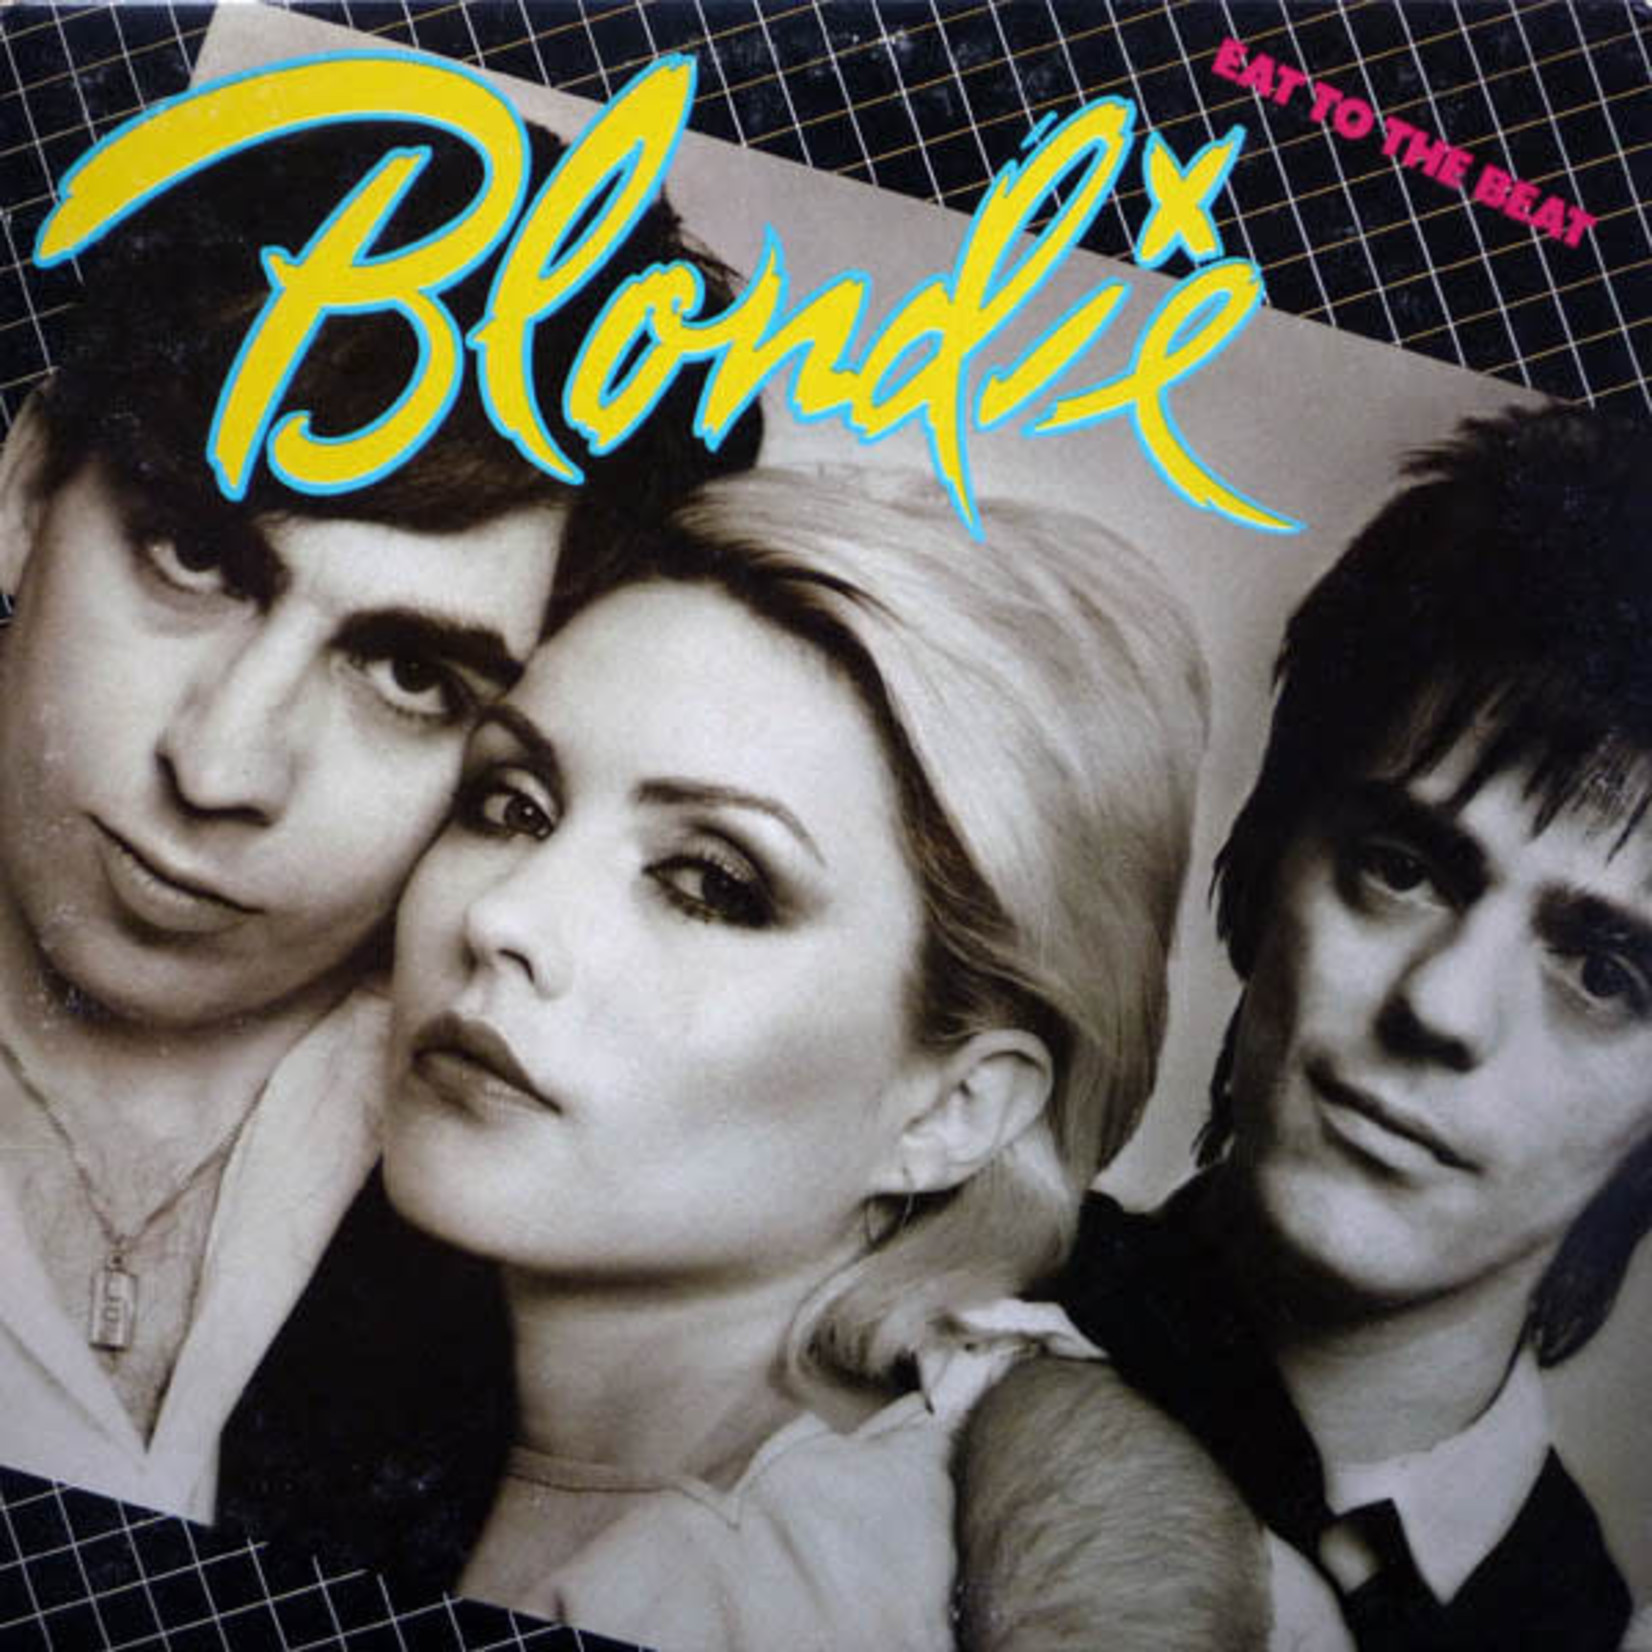 [Vintage] Blondie: Eat to the Beat